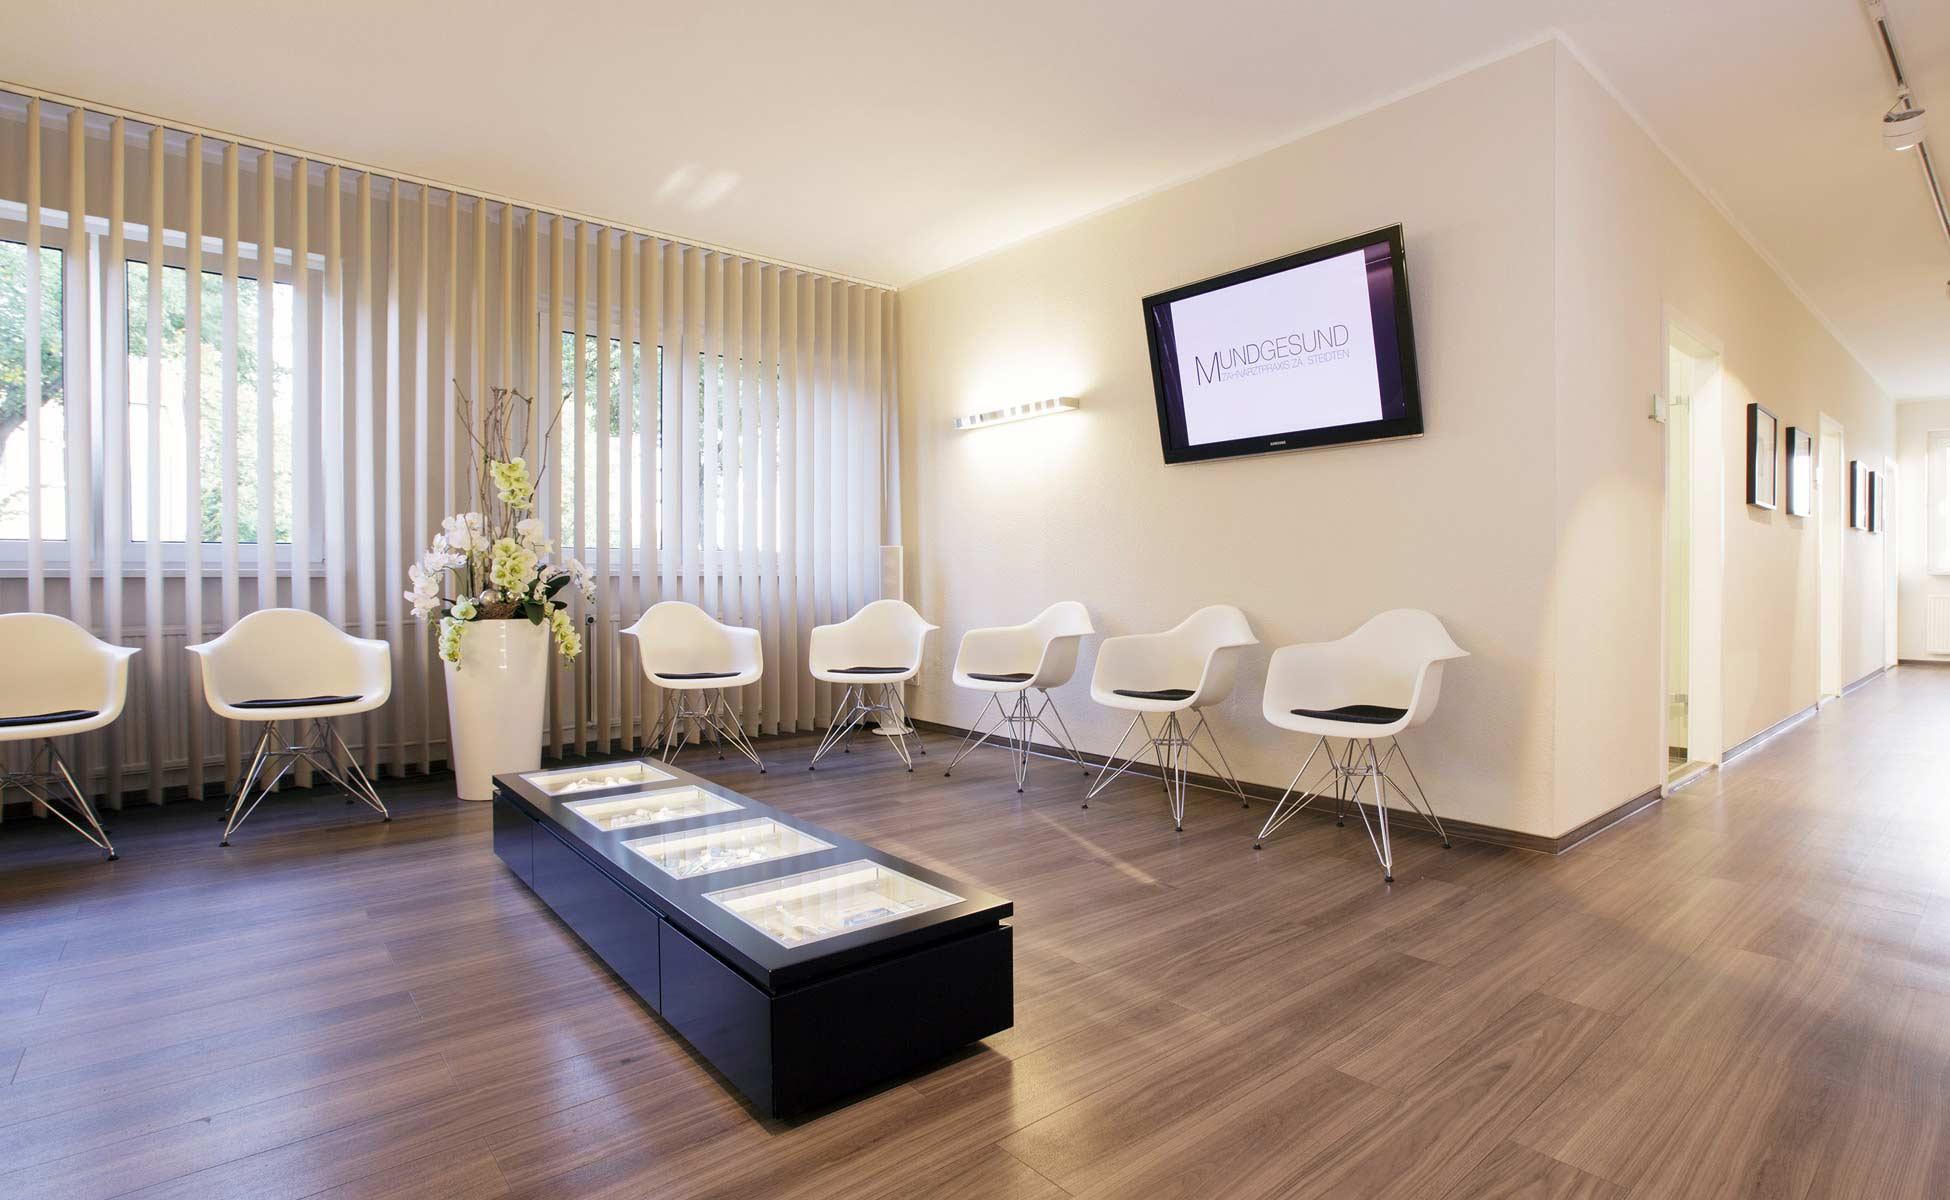 Einrichtung Beautiful Luxus Chalet Einrichtung With Einrichtung Finest With Einrichtung